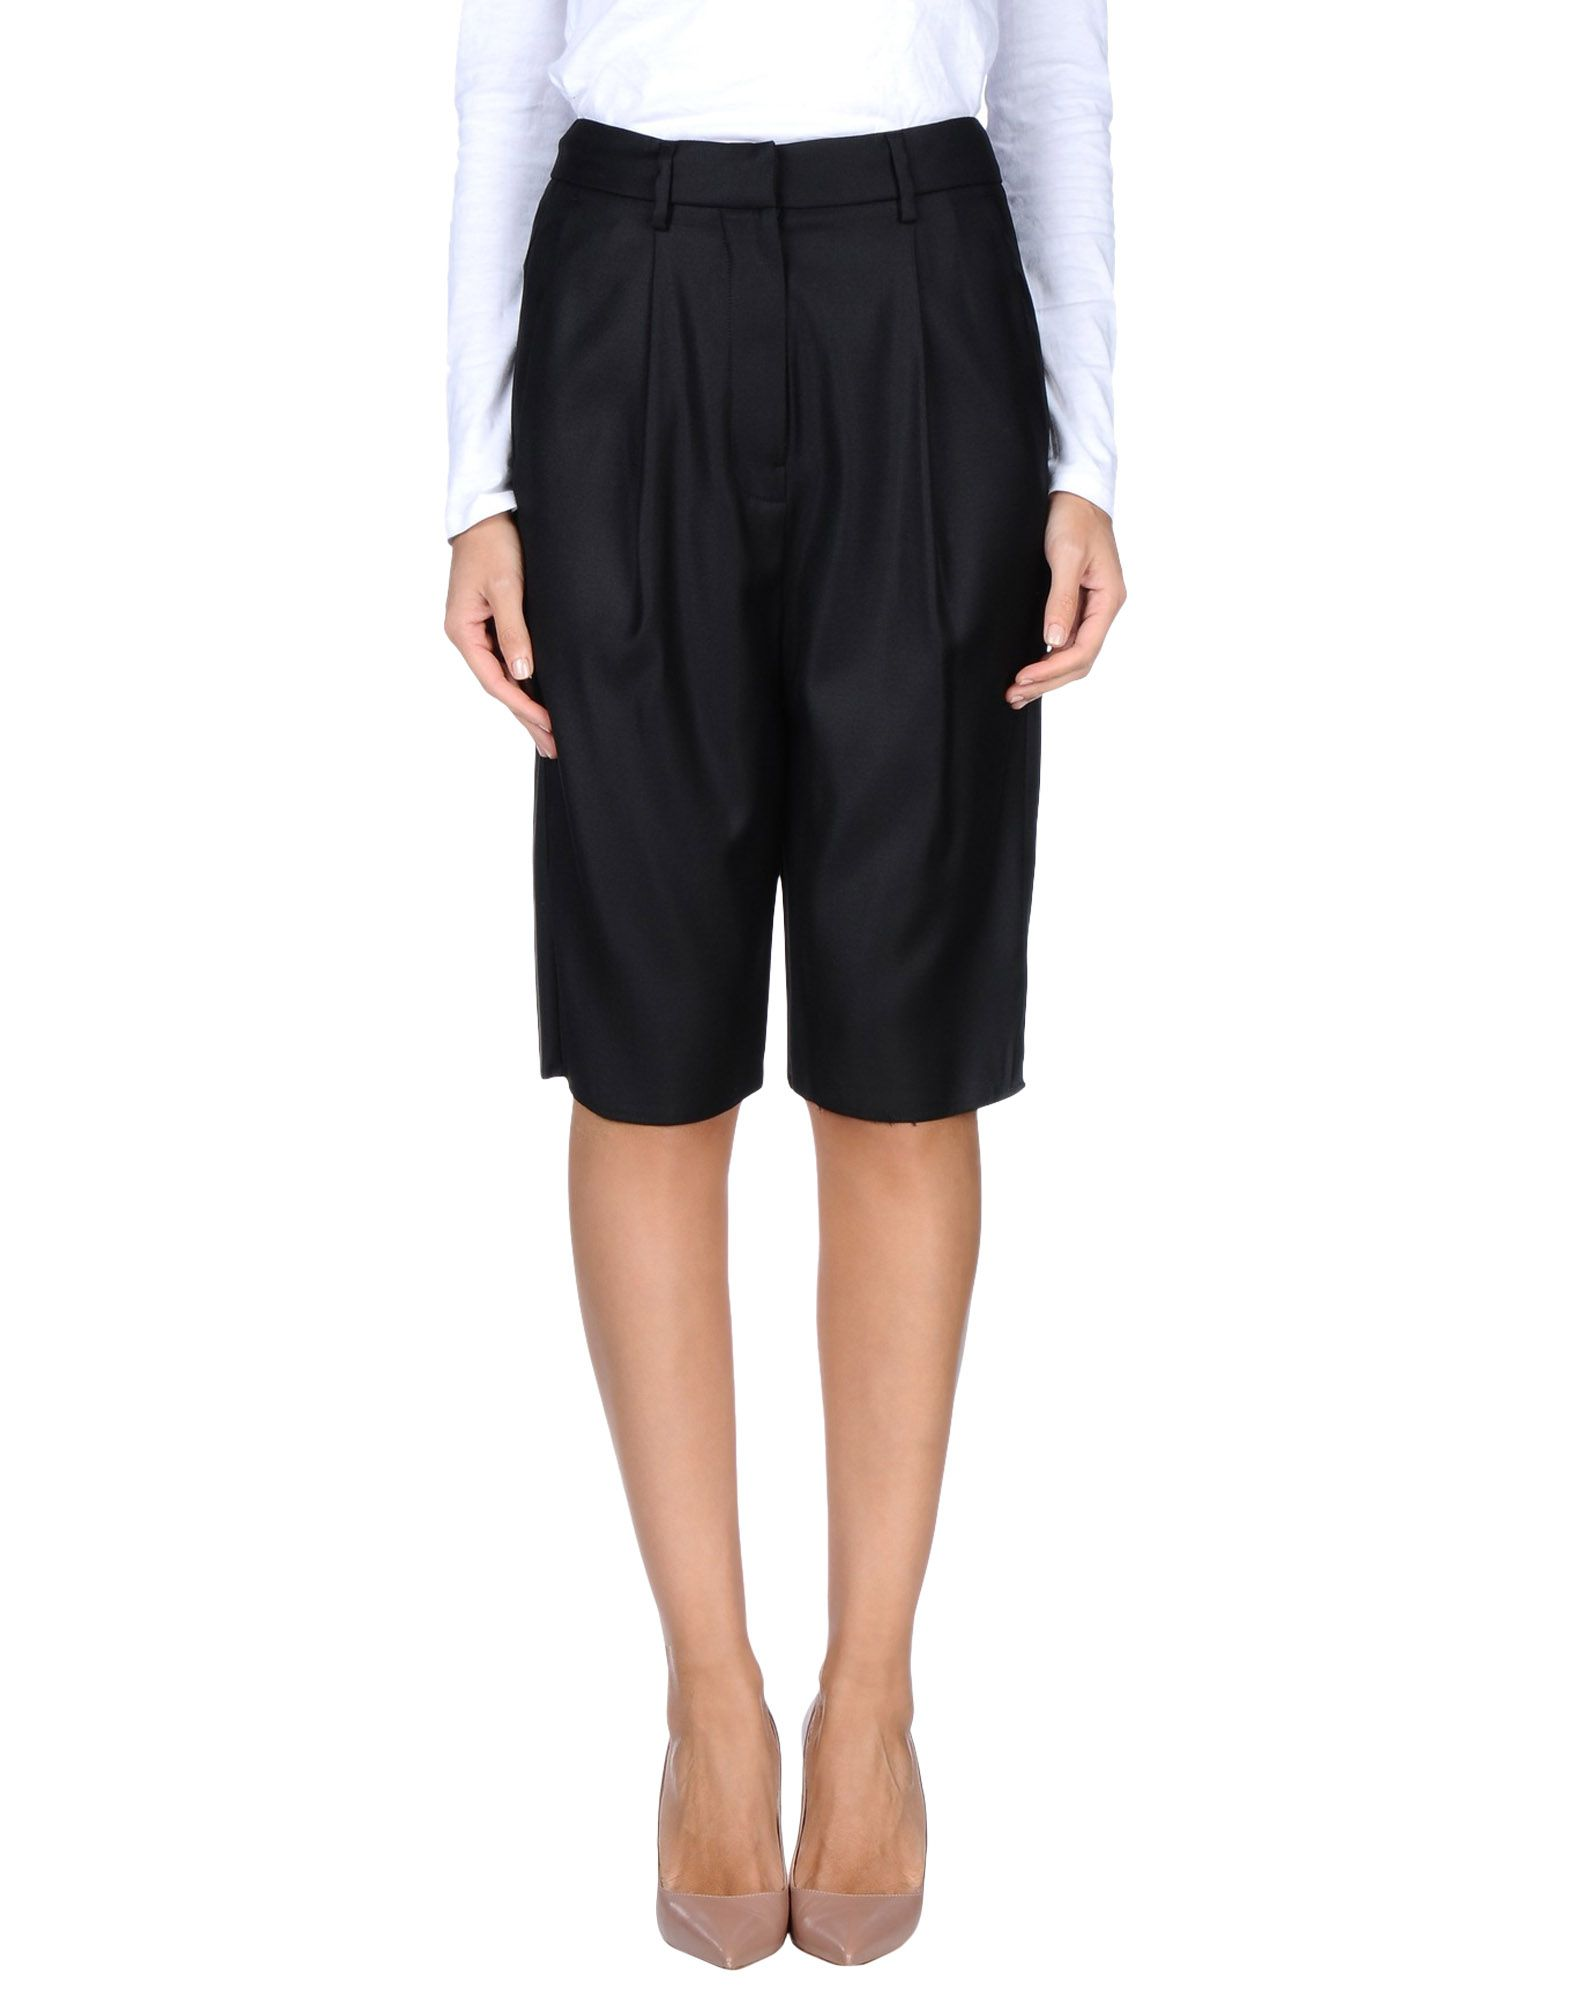 Pantalone Classico Mm6 Maison Margiela Donna - Acquista online su z7pQliuse